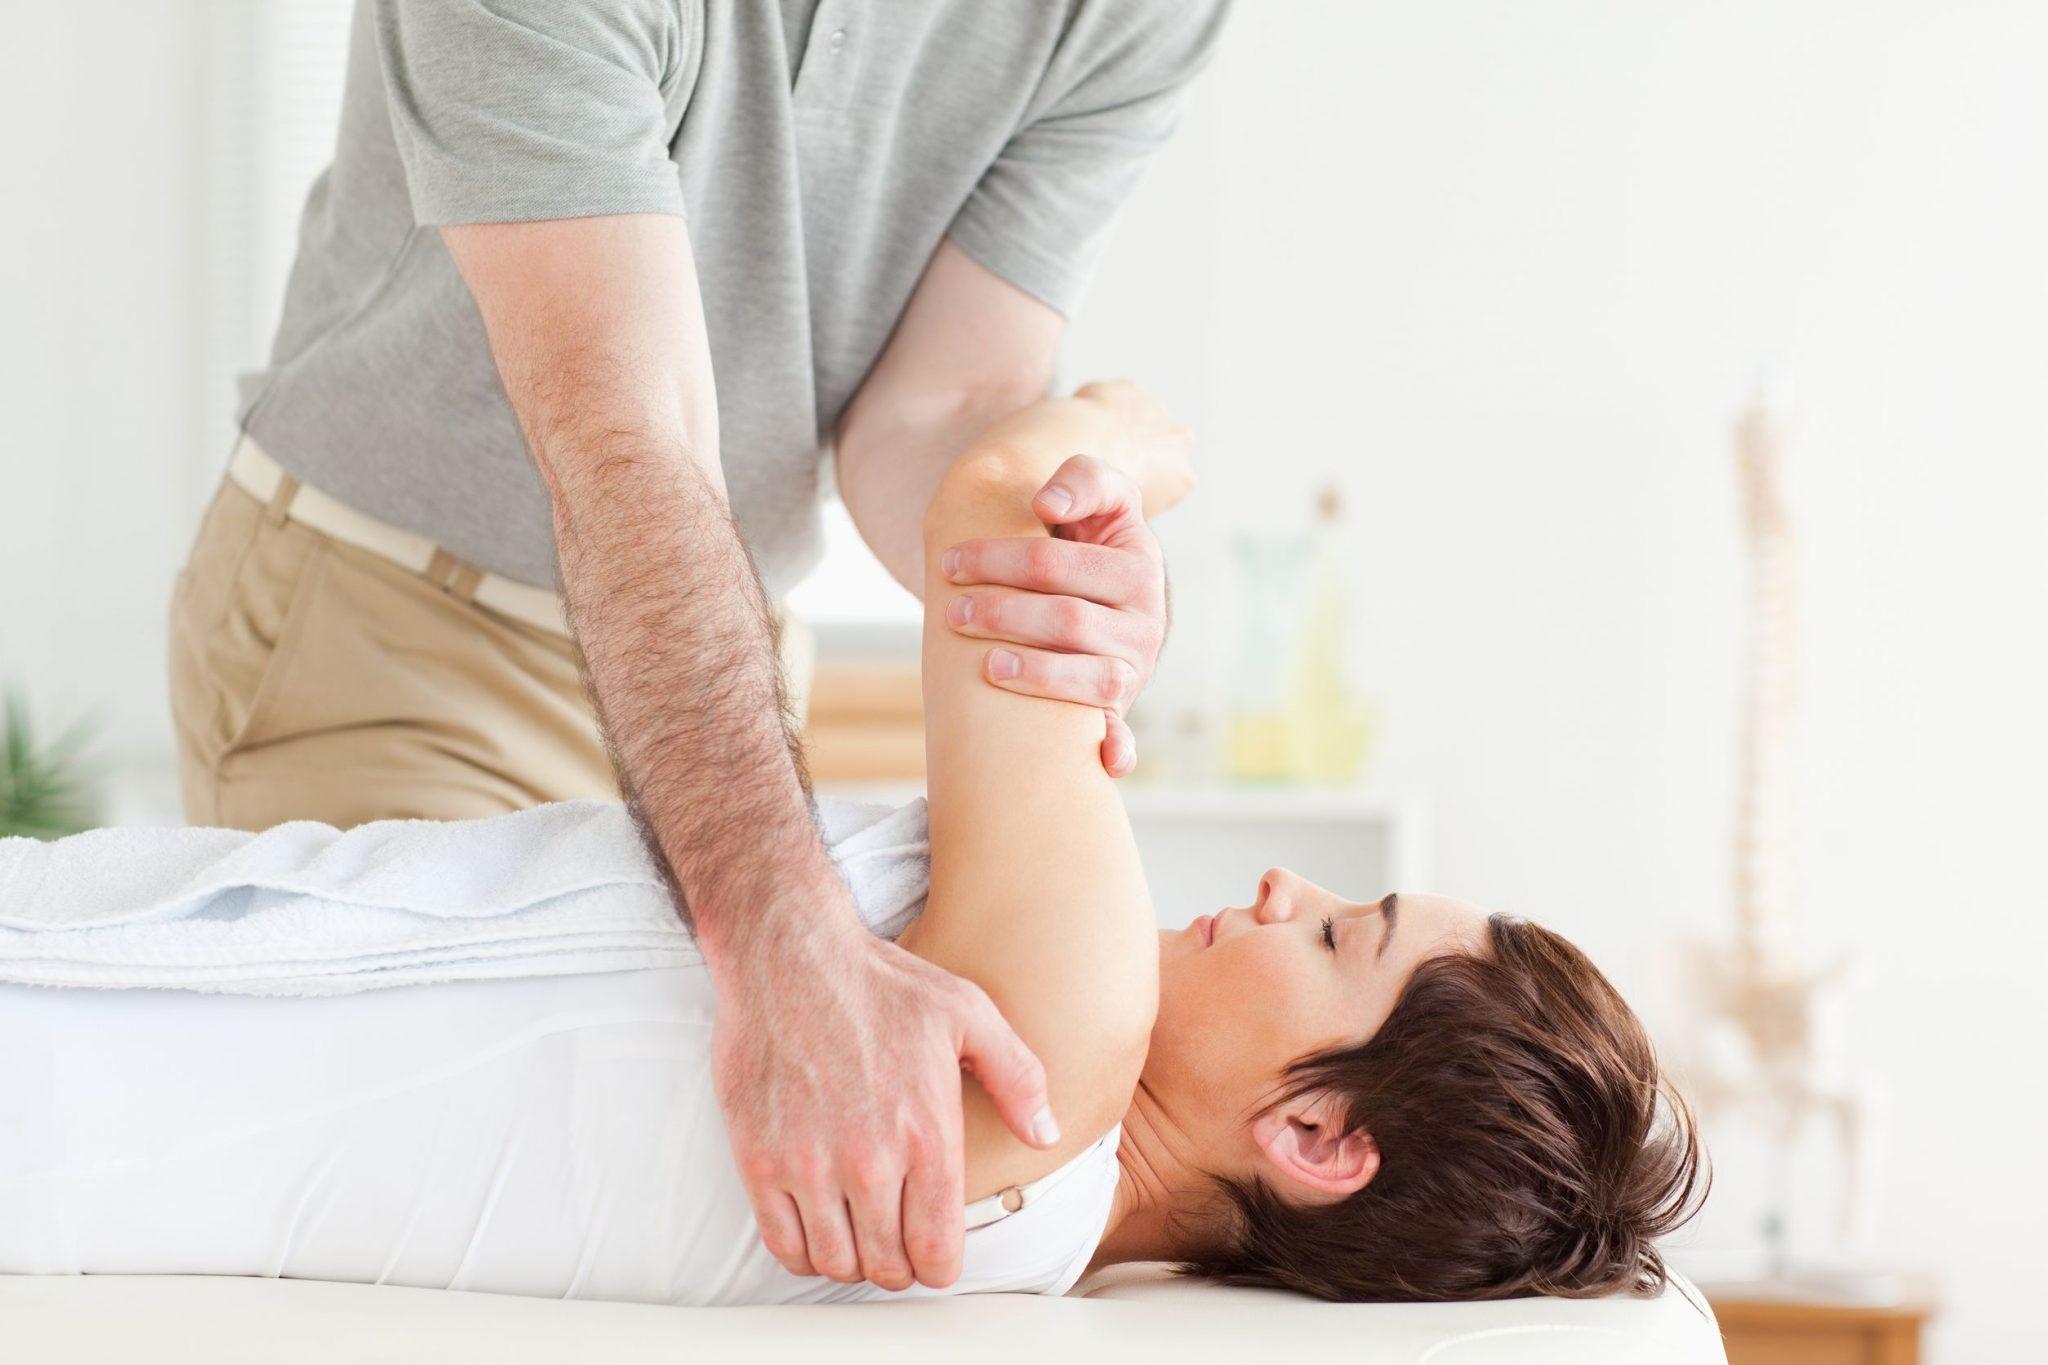 kaip sumažinti sąnarių skausmą ir kaulų